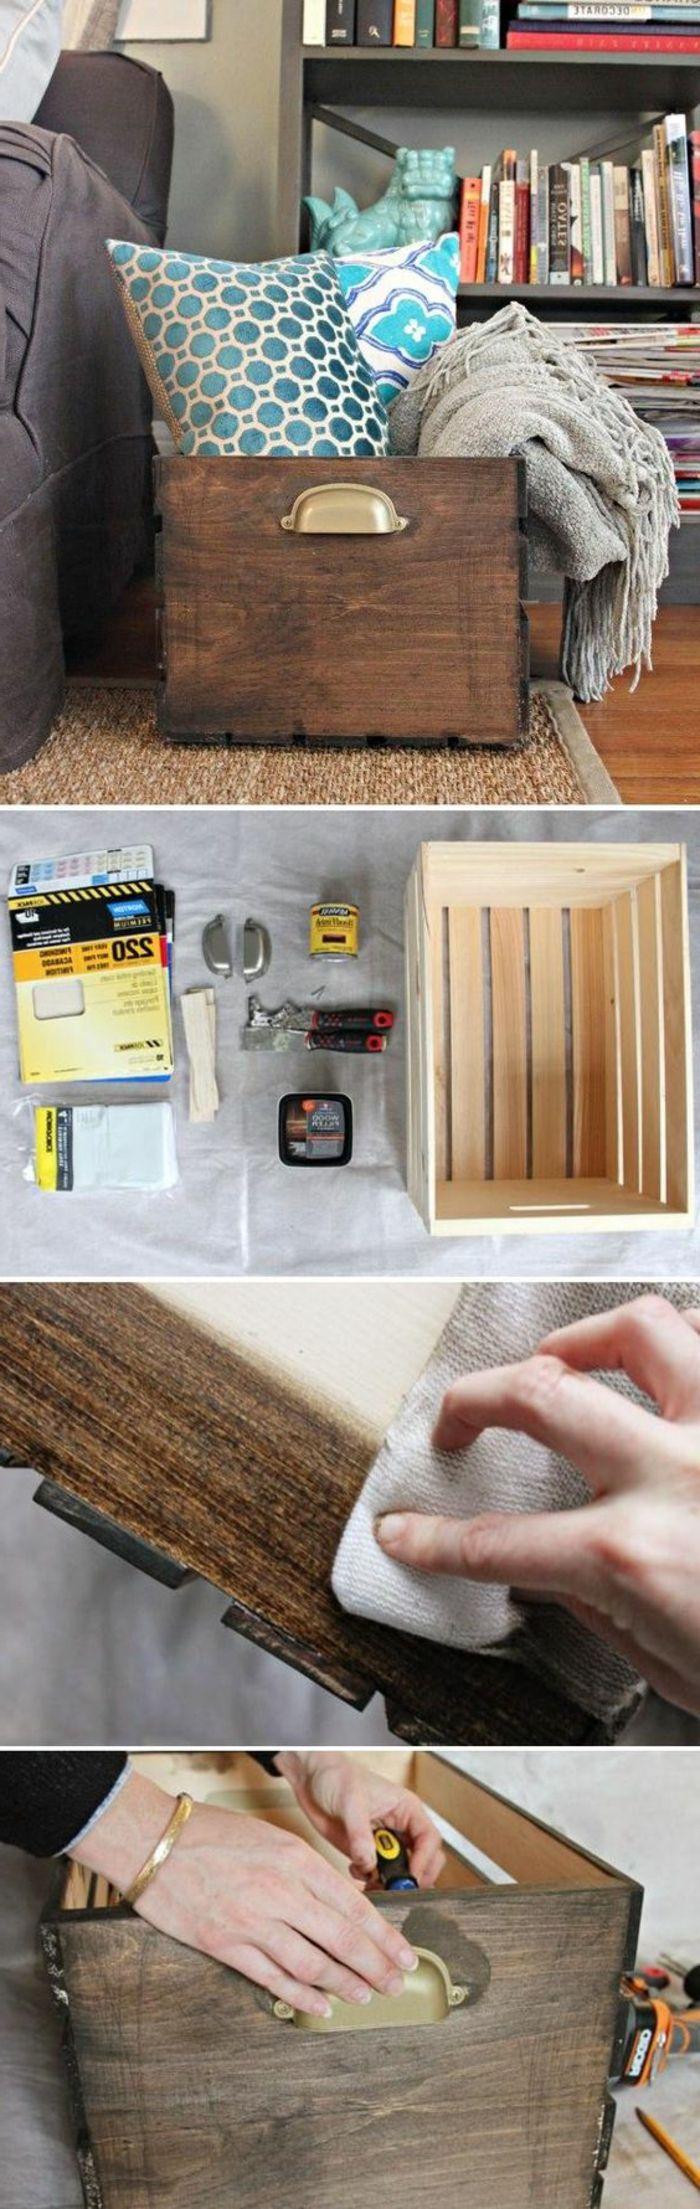 1001 id es et tutos pour fabriquer un meuble en cagette - Ou trouver du bois pour faire des meubles ...